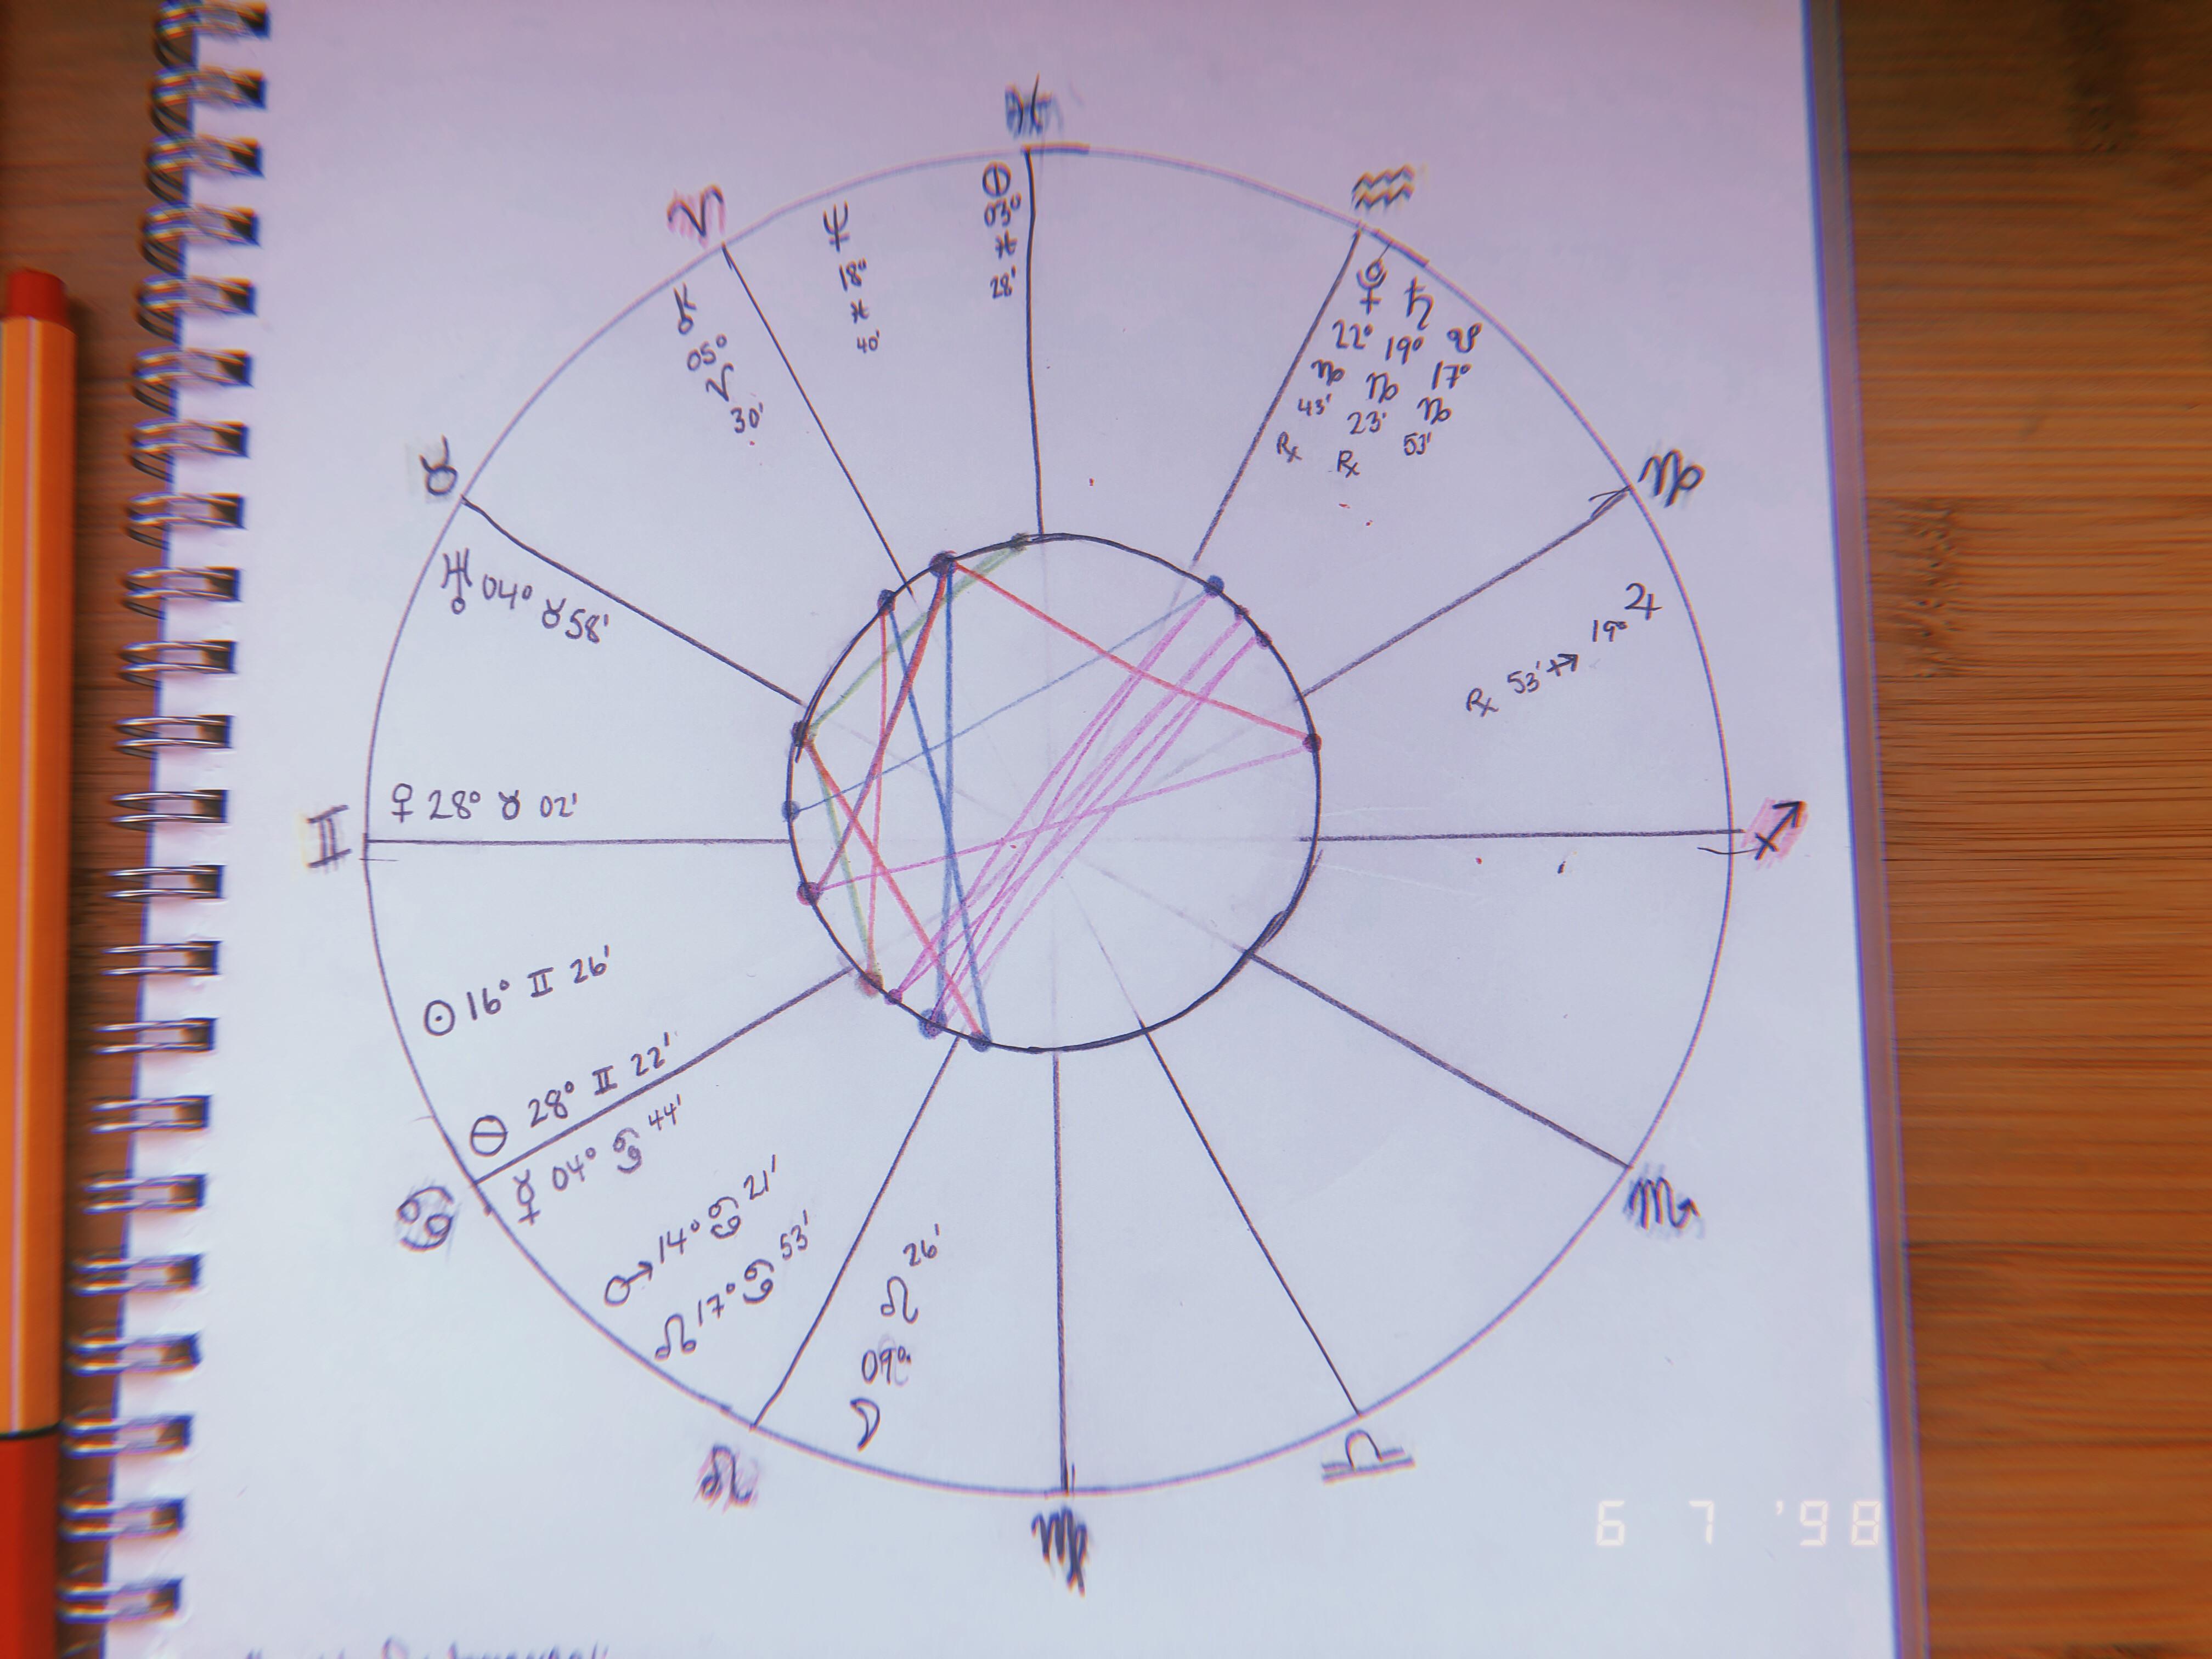 natal chart reading